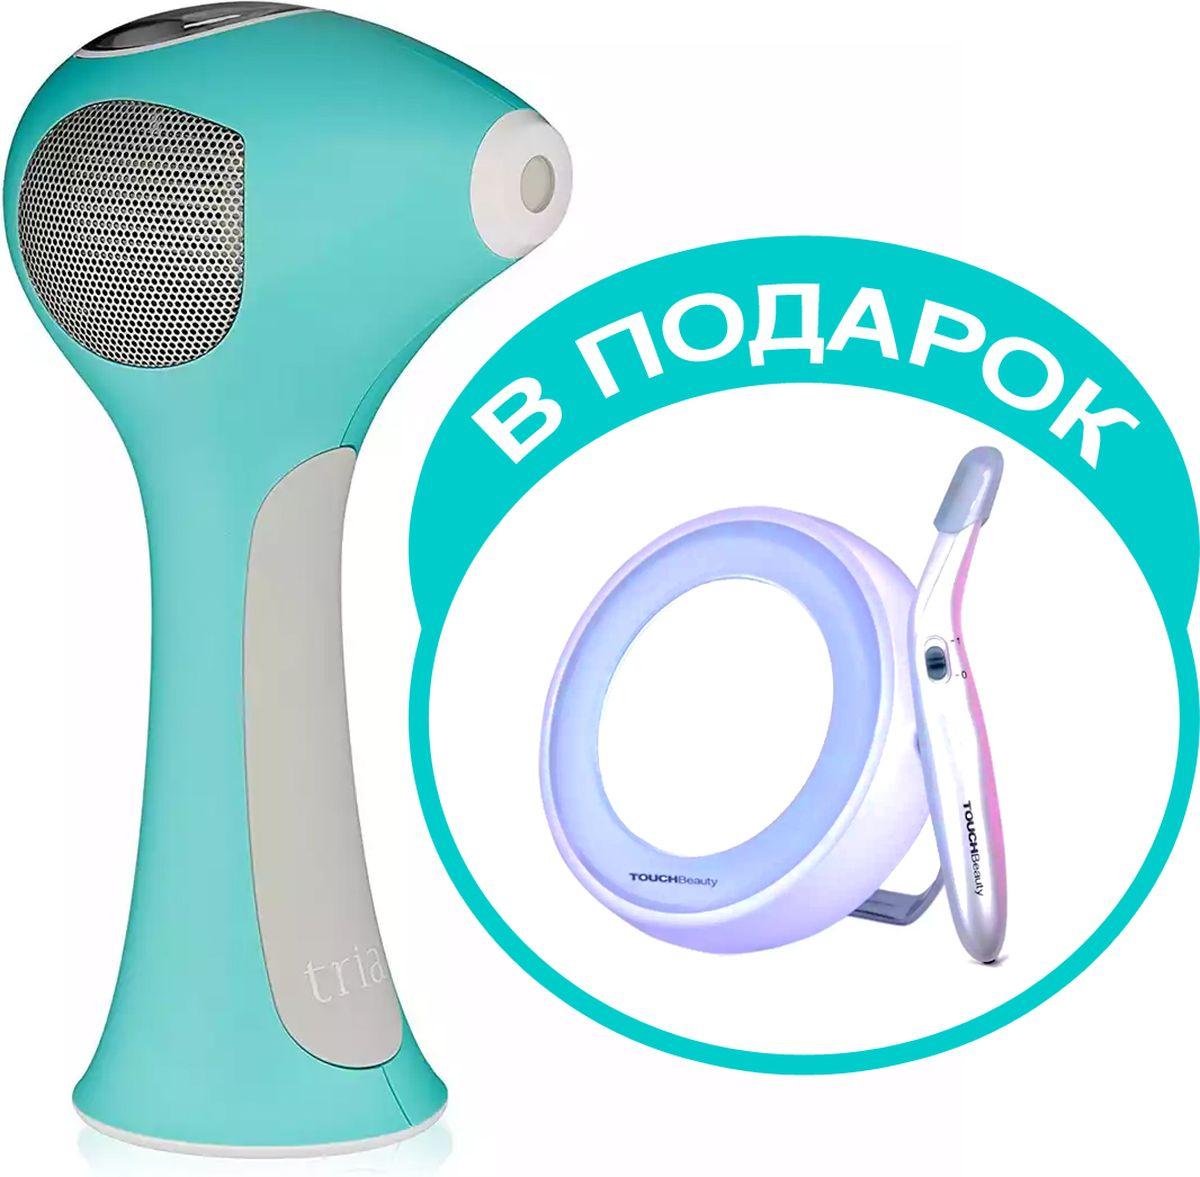 TRIA Лазерный эпилятор Hair Removal Laser4X Turquoise + ПОДАРОК! Косметический набор TOUCHBEAUTY AS-1001891753001617Лазерный эпилятор для домашнего использования. Это устройство для удаления нежелательных волос, адаптированное для безопасного использования в комфортной домашней обстановке. Гарантирует гладкую кожу и быстрое сокращение роста волос после полного курса применения. Беспроводная система идеальна для использования на теле и лице. С помощью зарядного устройства зарядите лазер, а затем пользуйтесь им в любом месте, где вам удобнее всего. Аппликатор излучает лазерный свет во время применения. Точность аппликатора обеспечивает безопасность применения для труднодоступных мест. Прибор всегда готов к работе. Без дополнительных картриджей! Не нужно покупать дополнительные запасные части в дальнейшем, никаких лишних расходов! Индивидуальная настройка уровня энергии: 5 настроек интенсивности светового импульса. Счетчик импульсов считает количество импульсов за процедуру для достижения максимальных результатов. Датчик типа кожи - функция, которая разблокирует устройство для безопасного использования. Защита от использования на темной коже. ЖК дисплей. Индикатор зарядки батареи. Цвет бирюзовый.